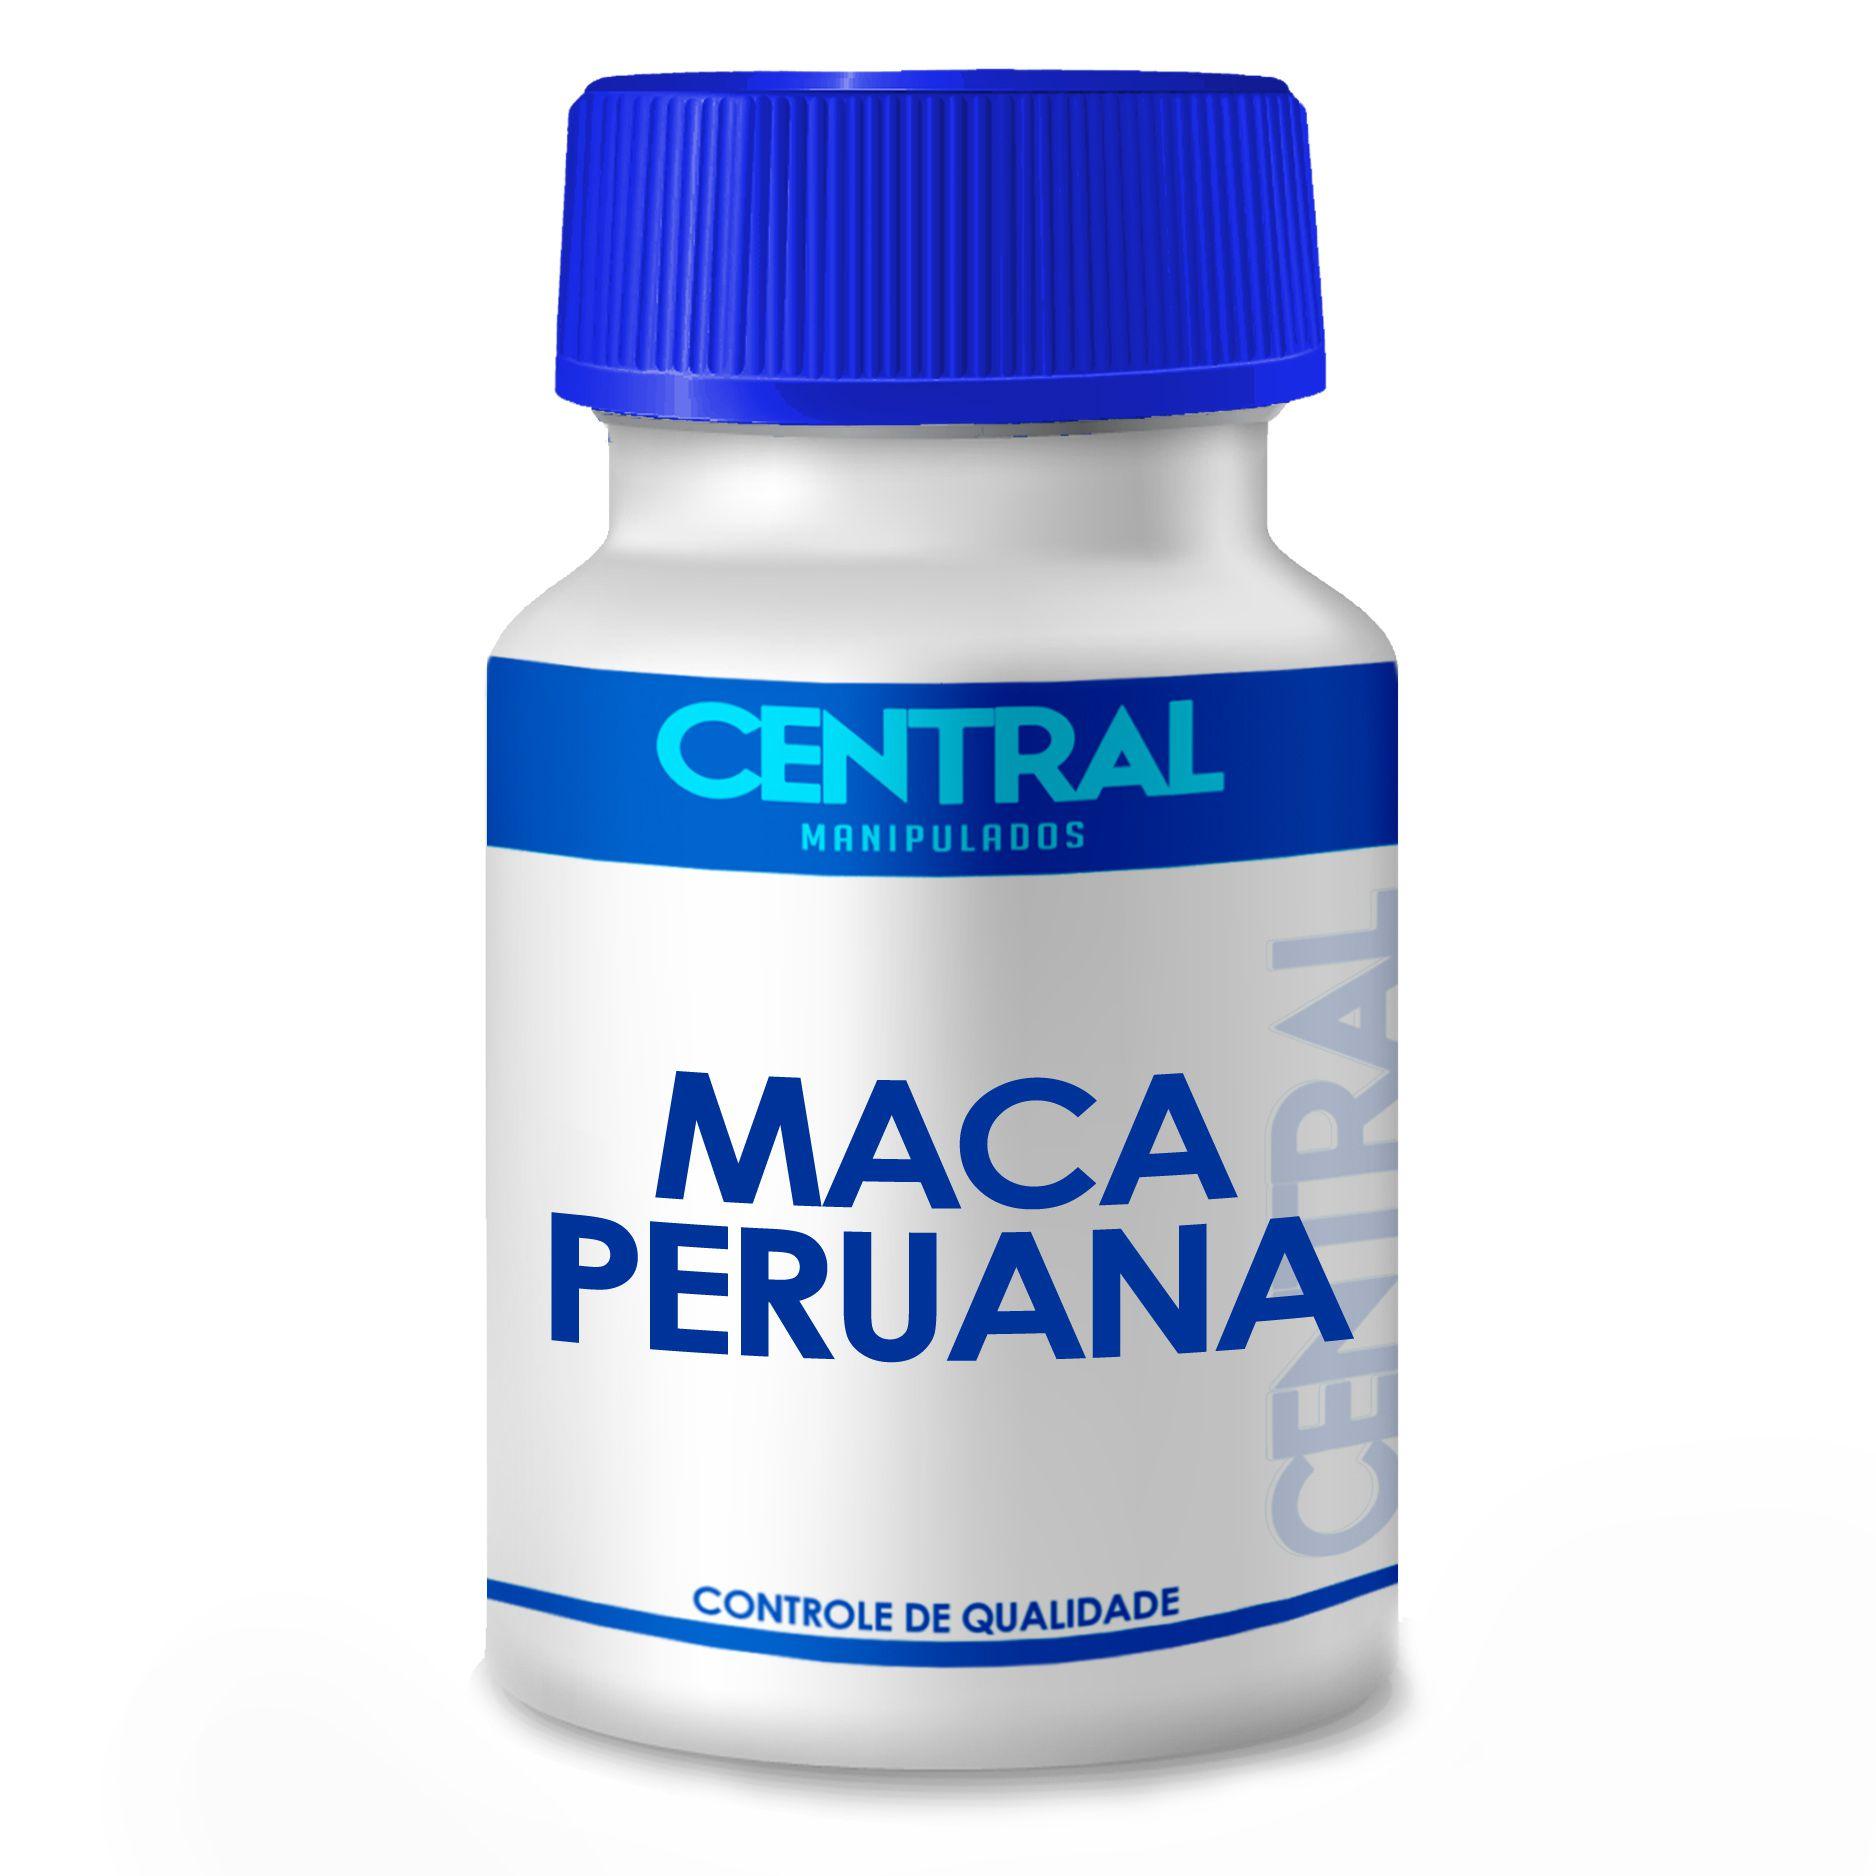 Maca peruana - energético e aumento da libido sexual - 500mg 30 cápsulas